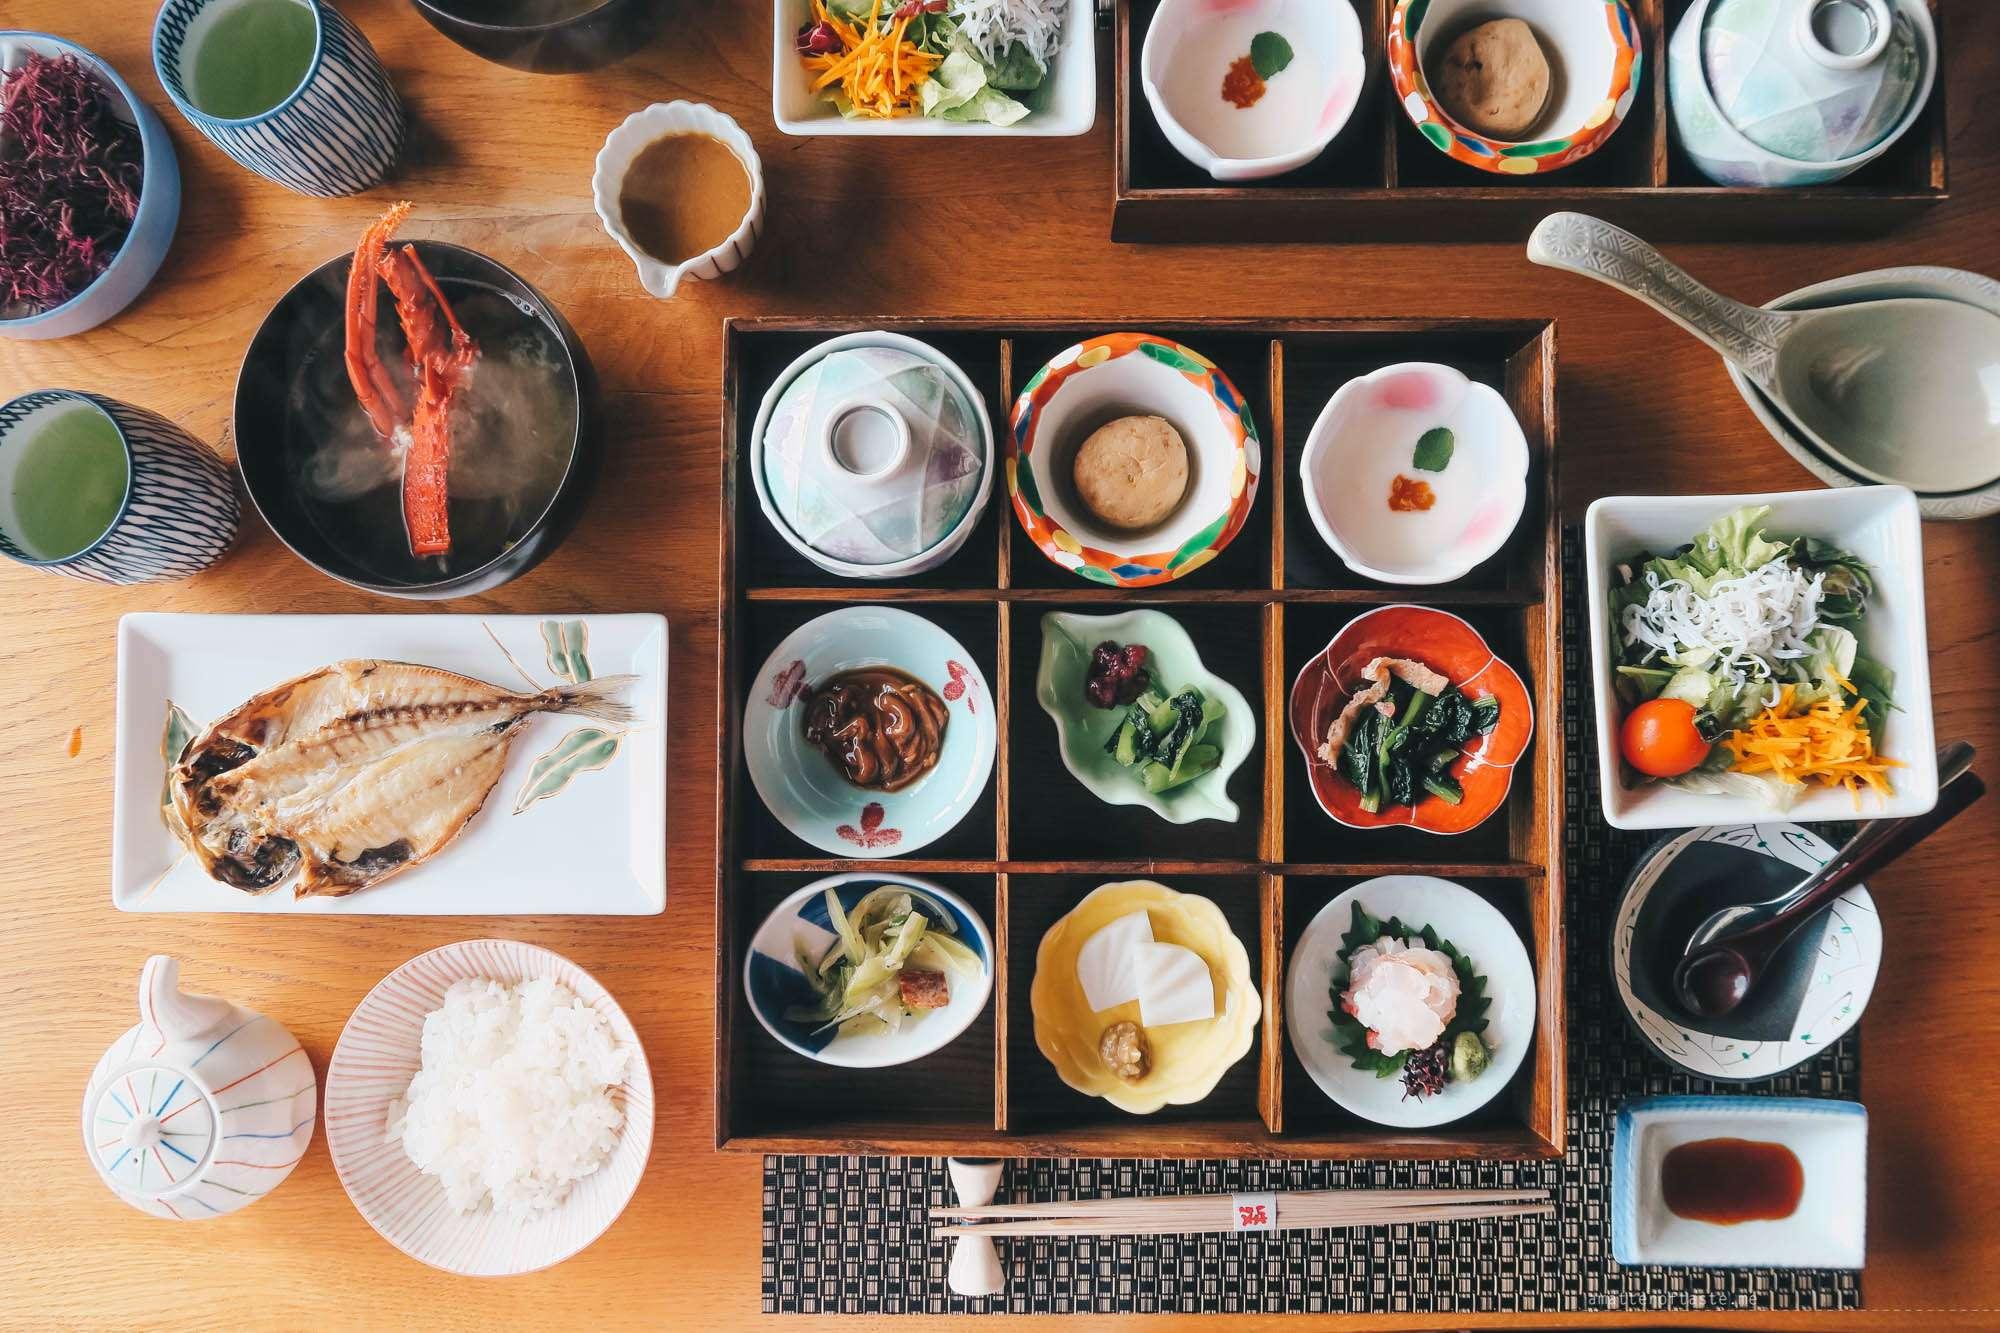 Японская Диета Соевым Соусом. Японская диета